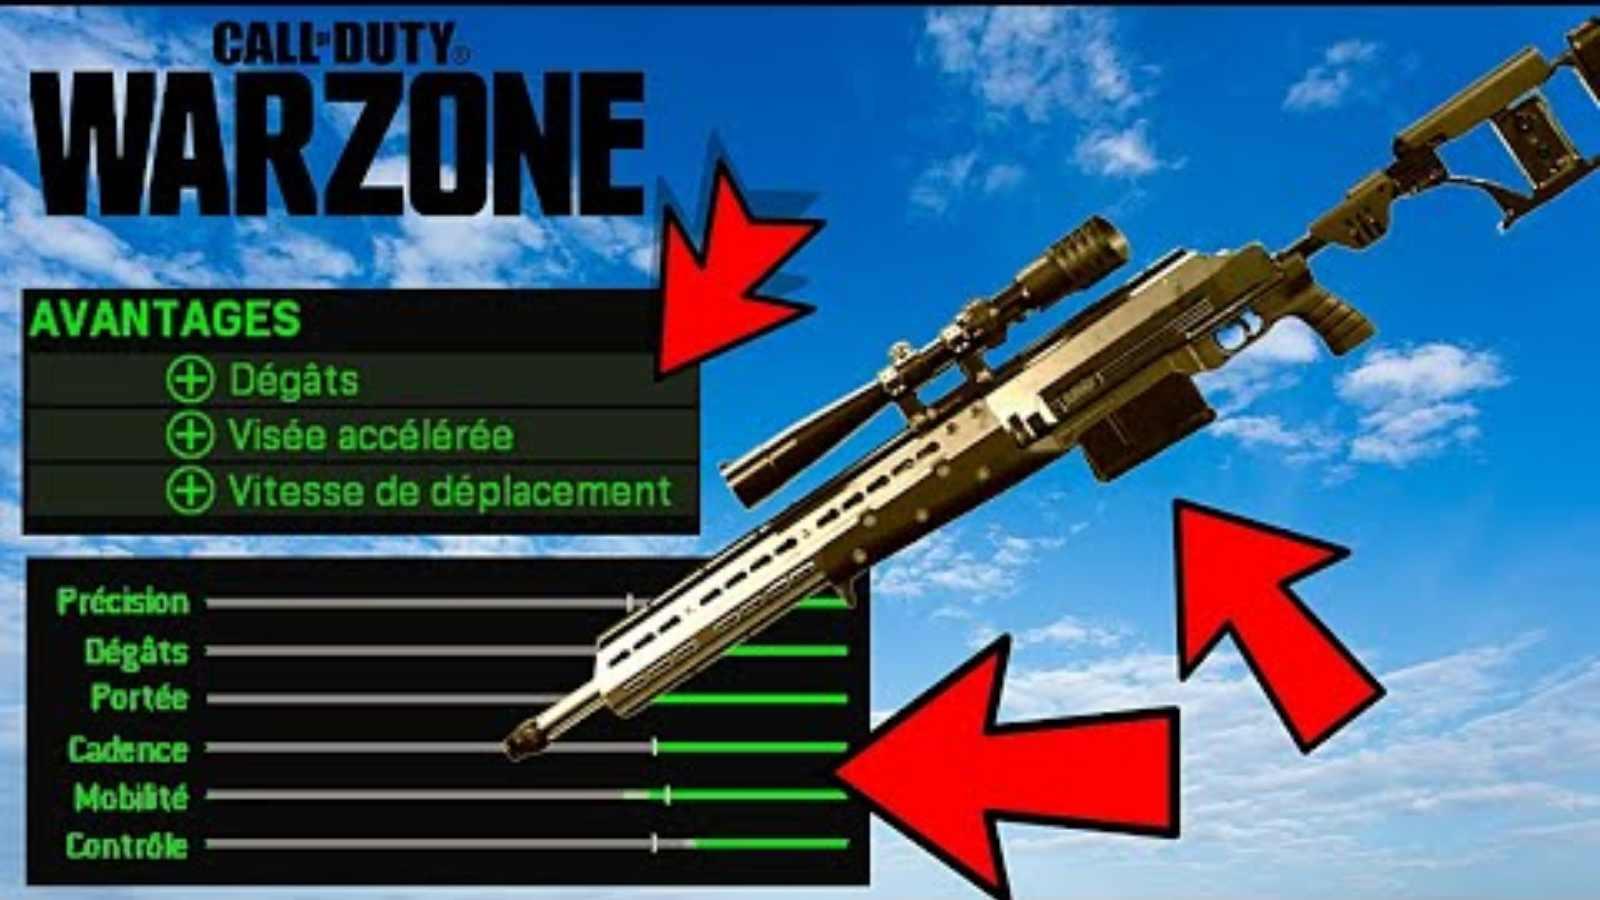 Le meilleur chargement M82 Warzone de la saison 4